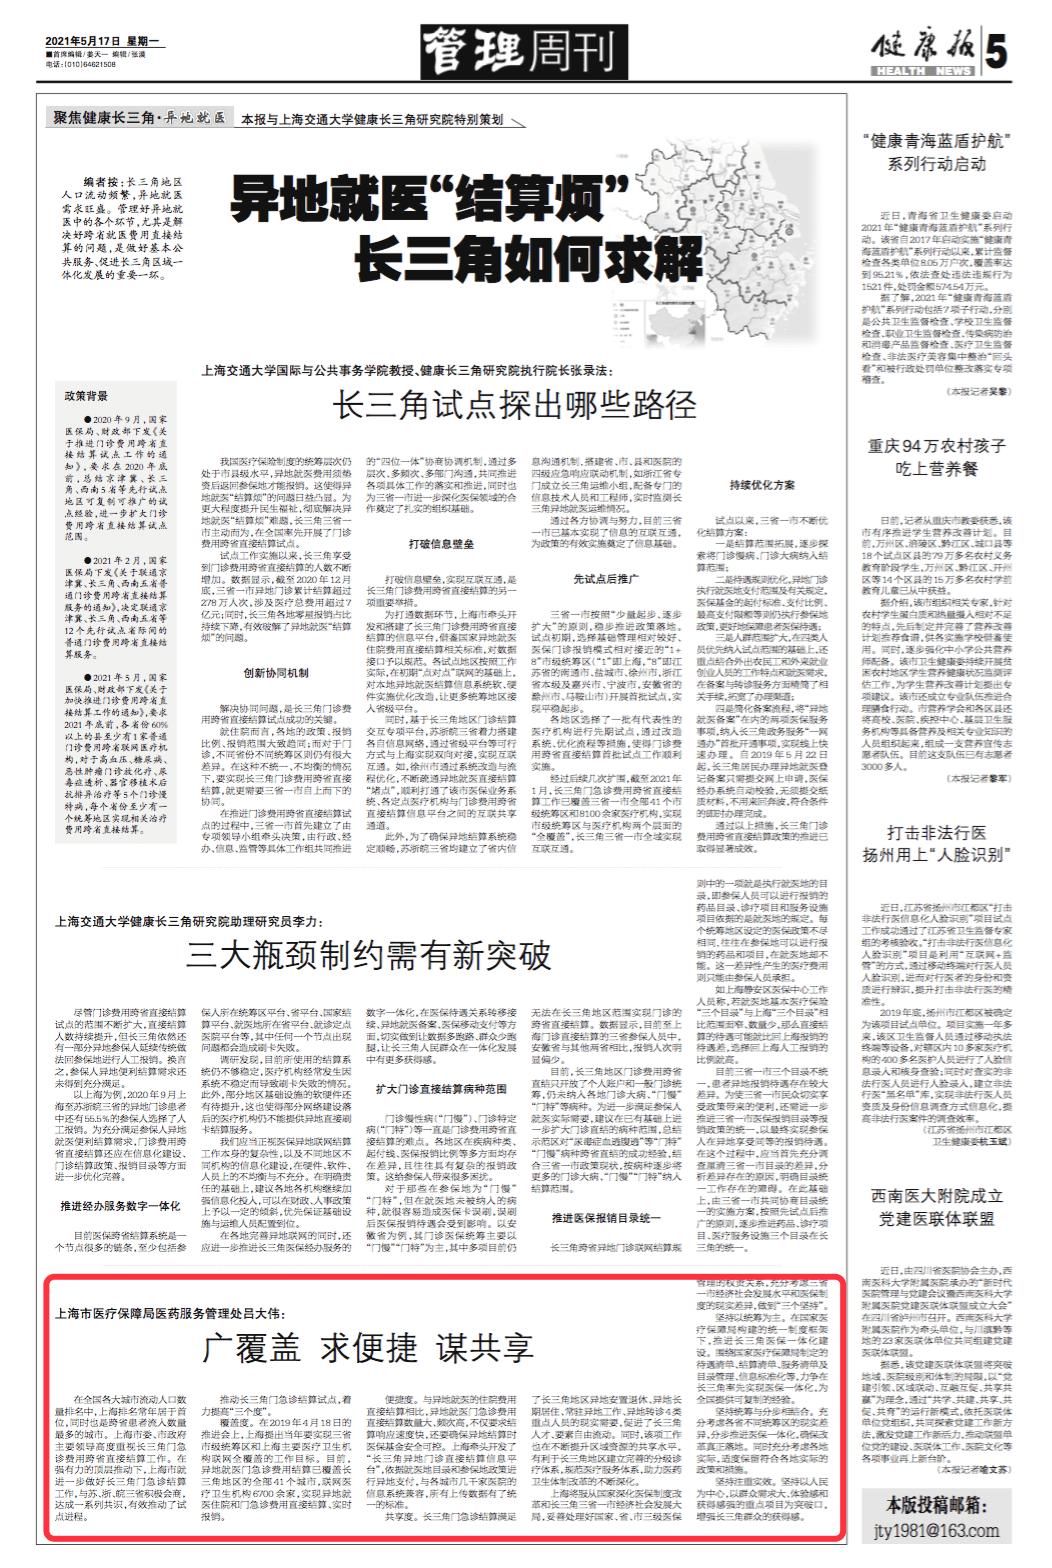 天顺2登陆-首页【1.1.4】